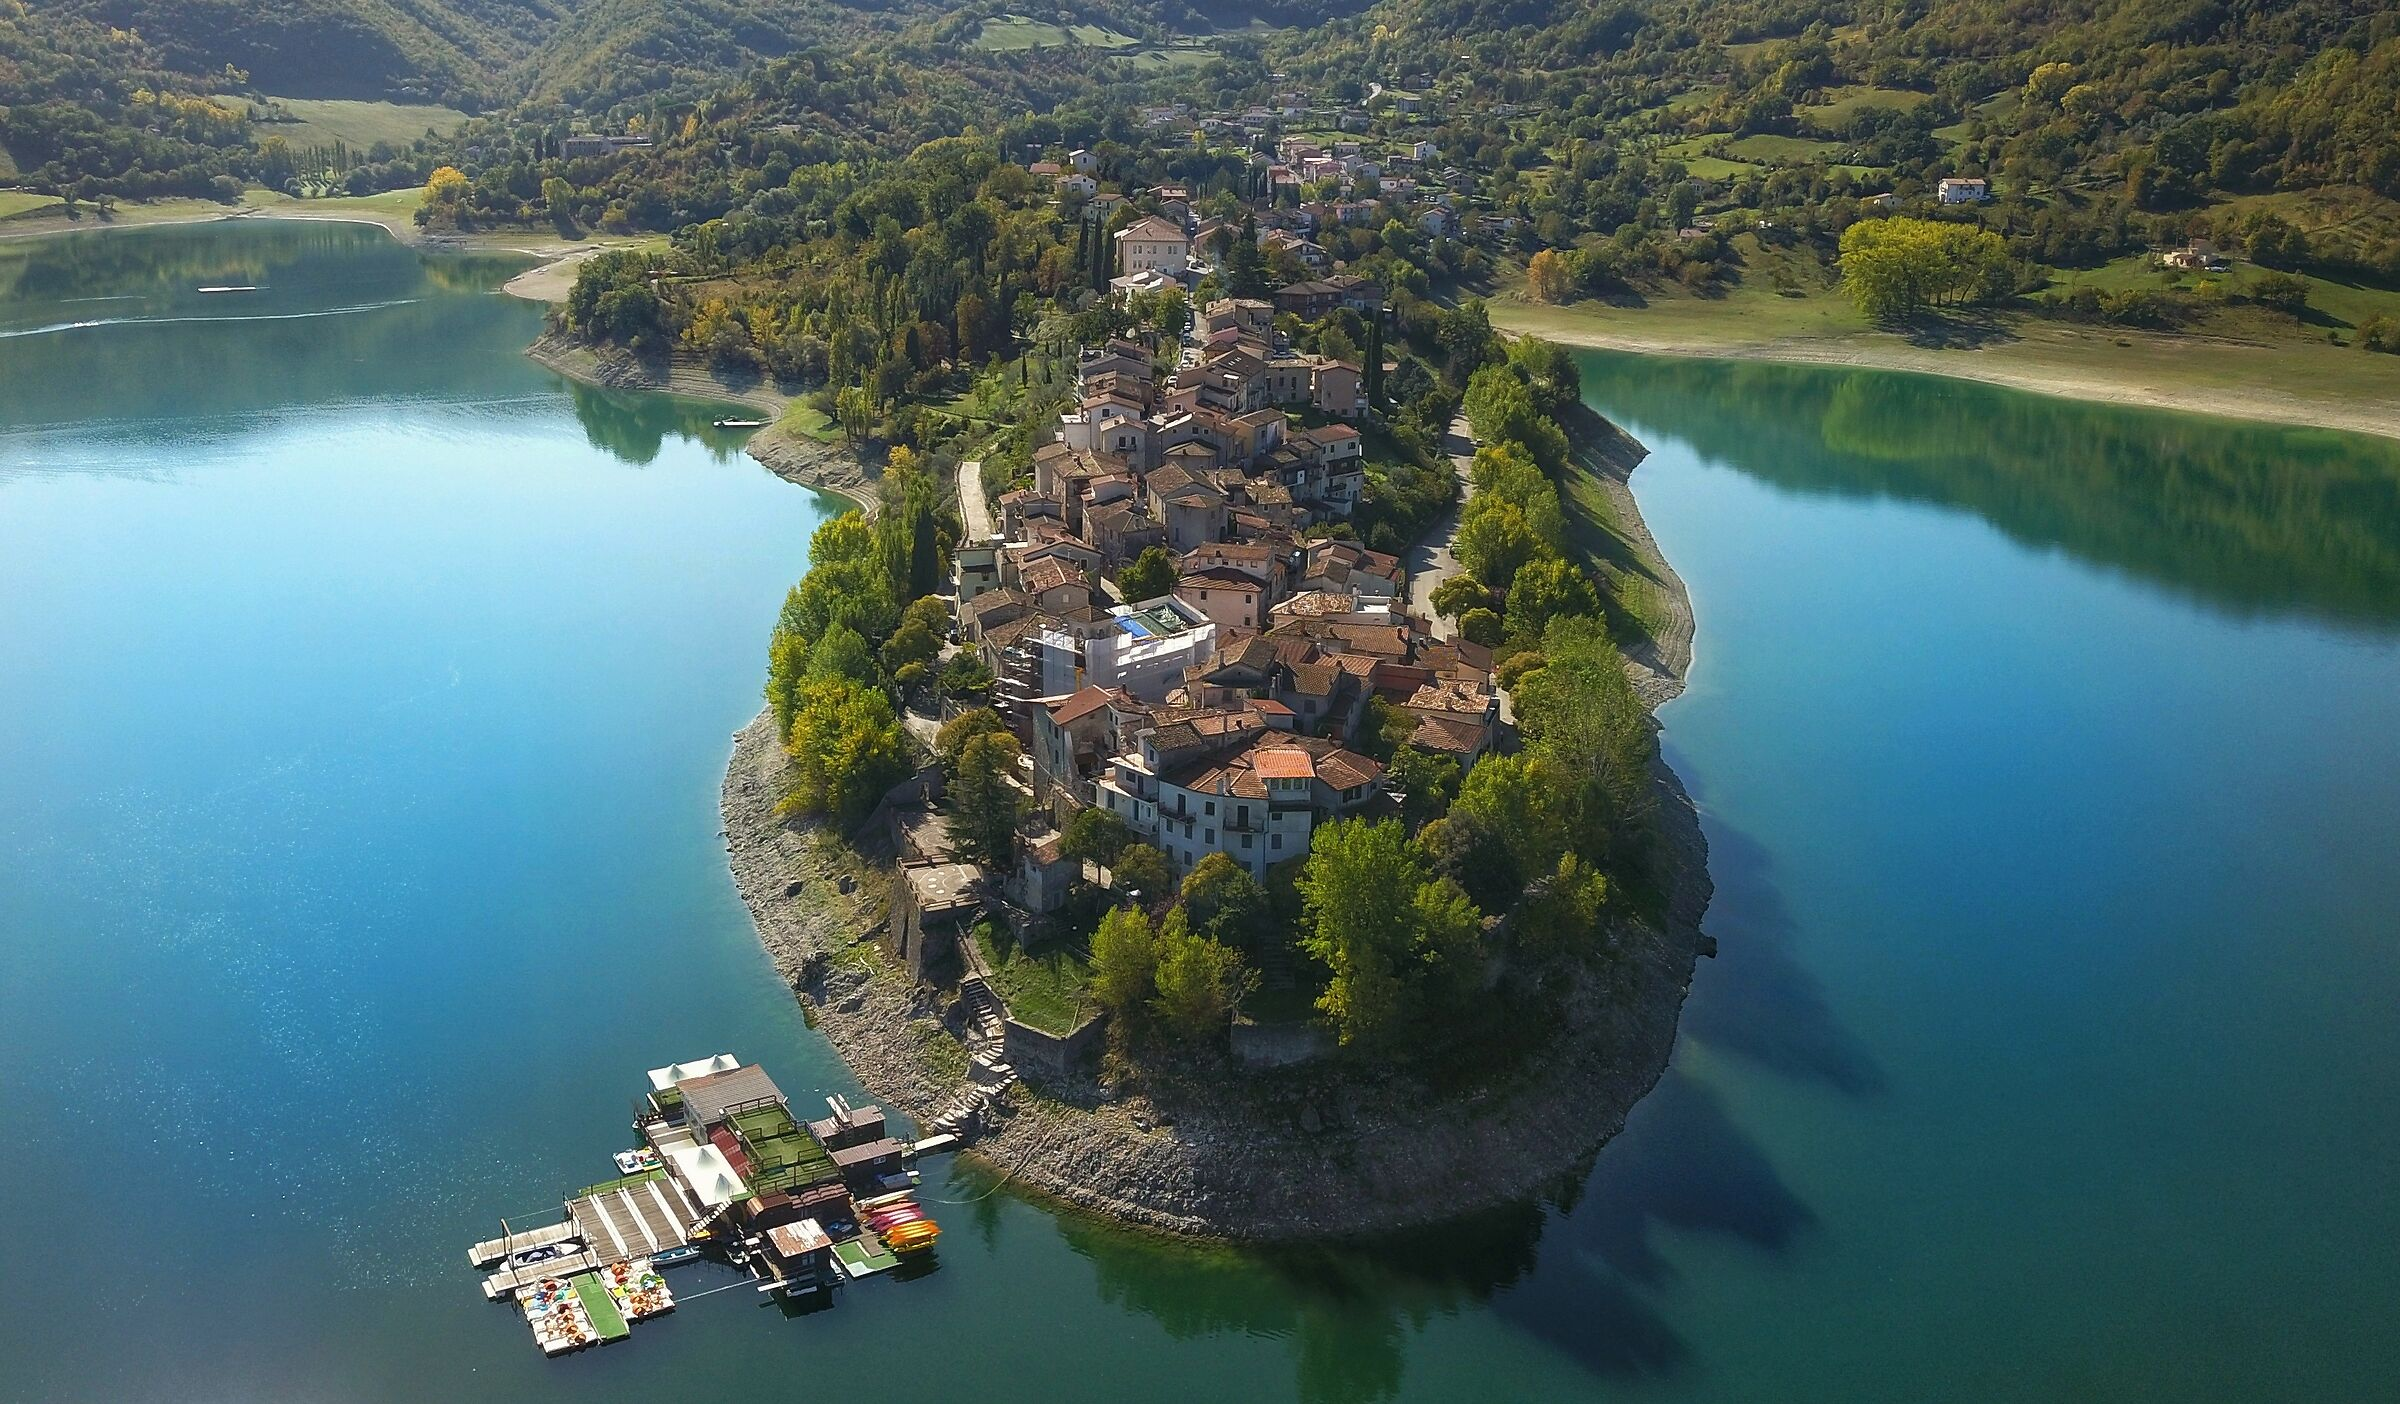 ..penisola sul lago.....